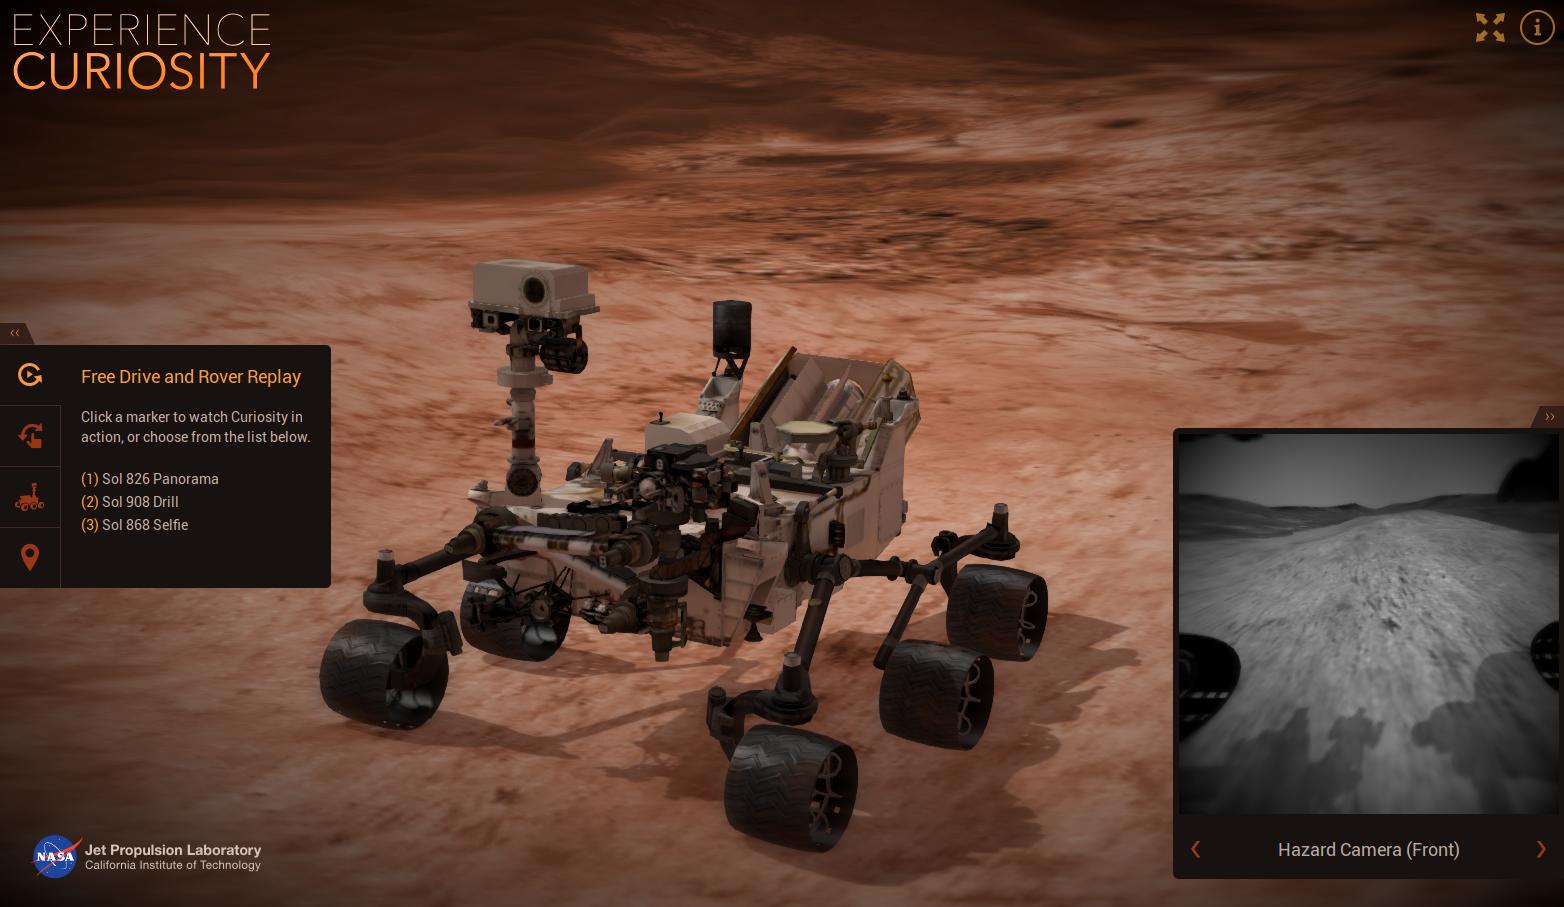 curiosity1.png?v=20150810102954201508060